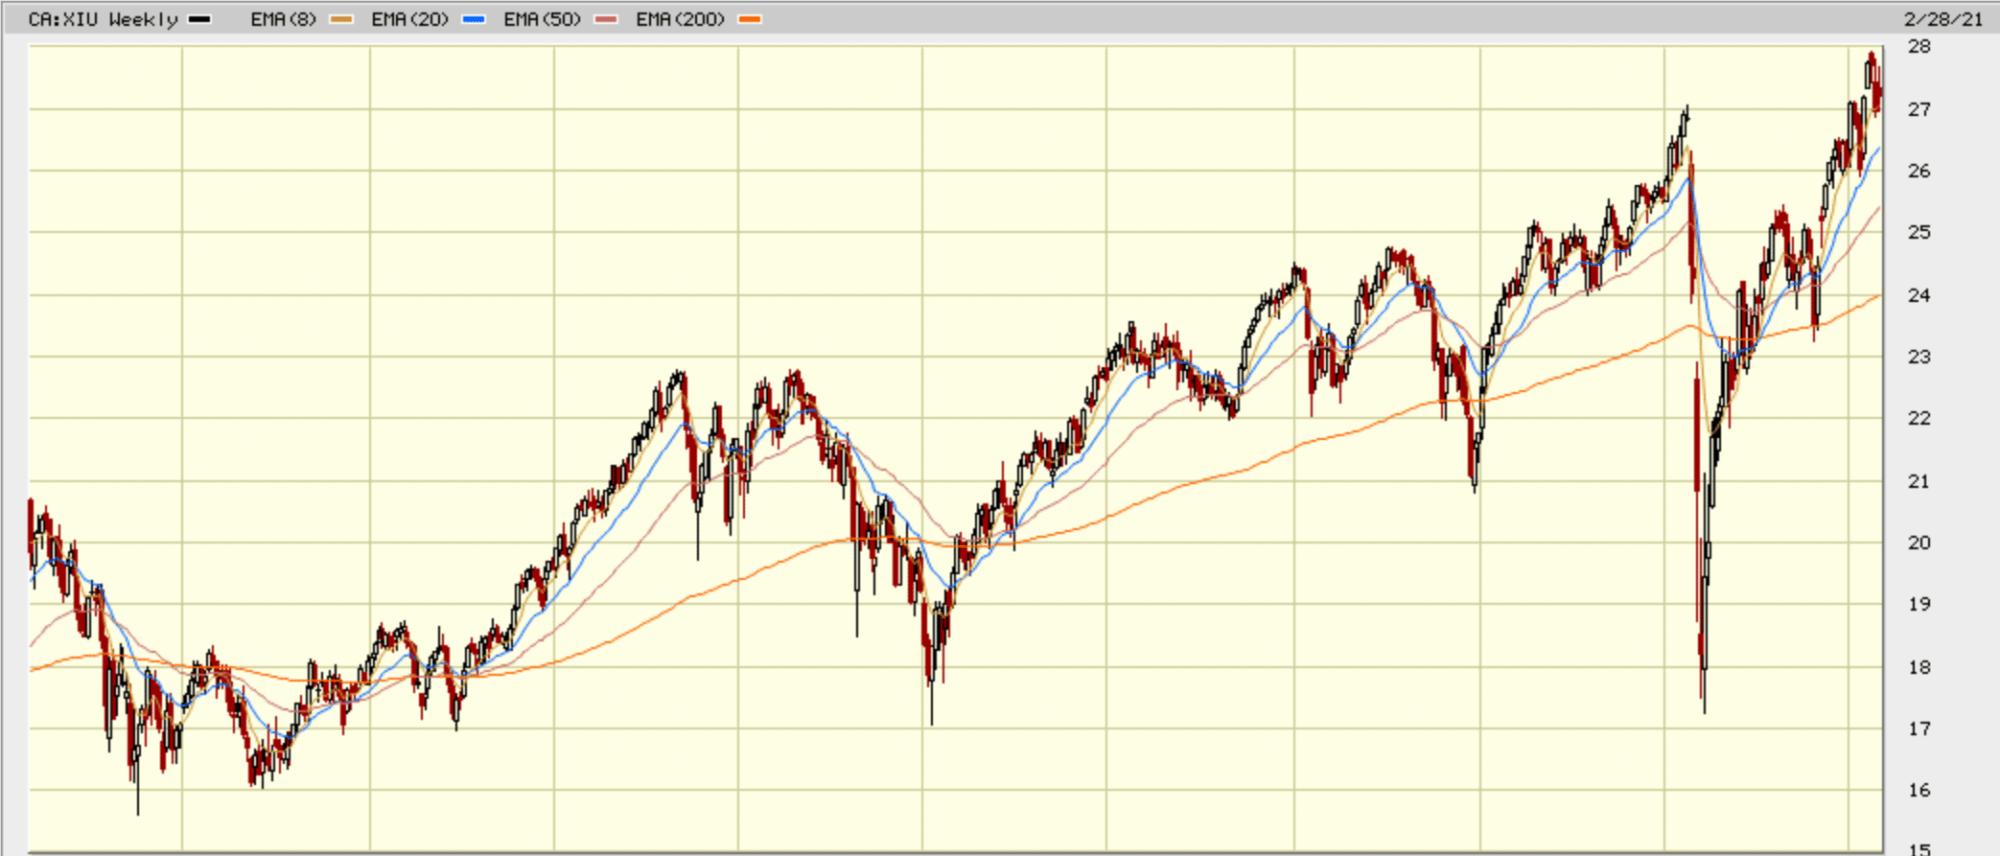 tsx60 10 year chart